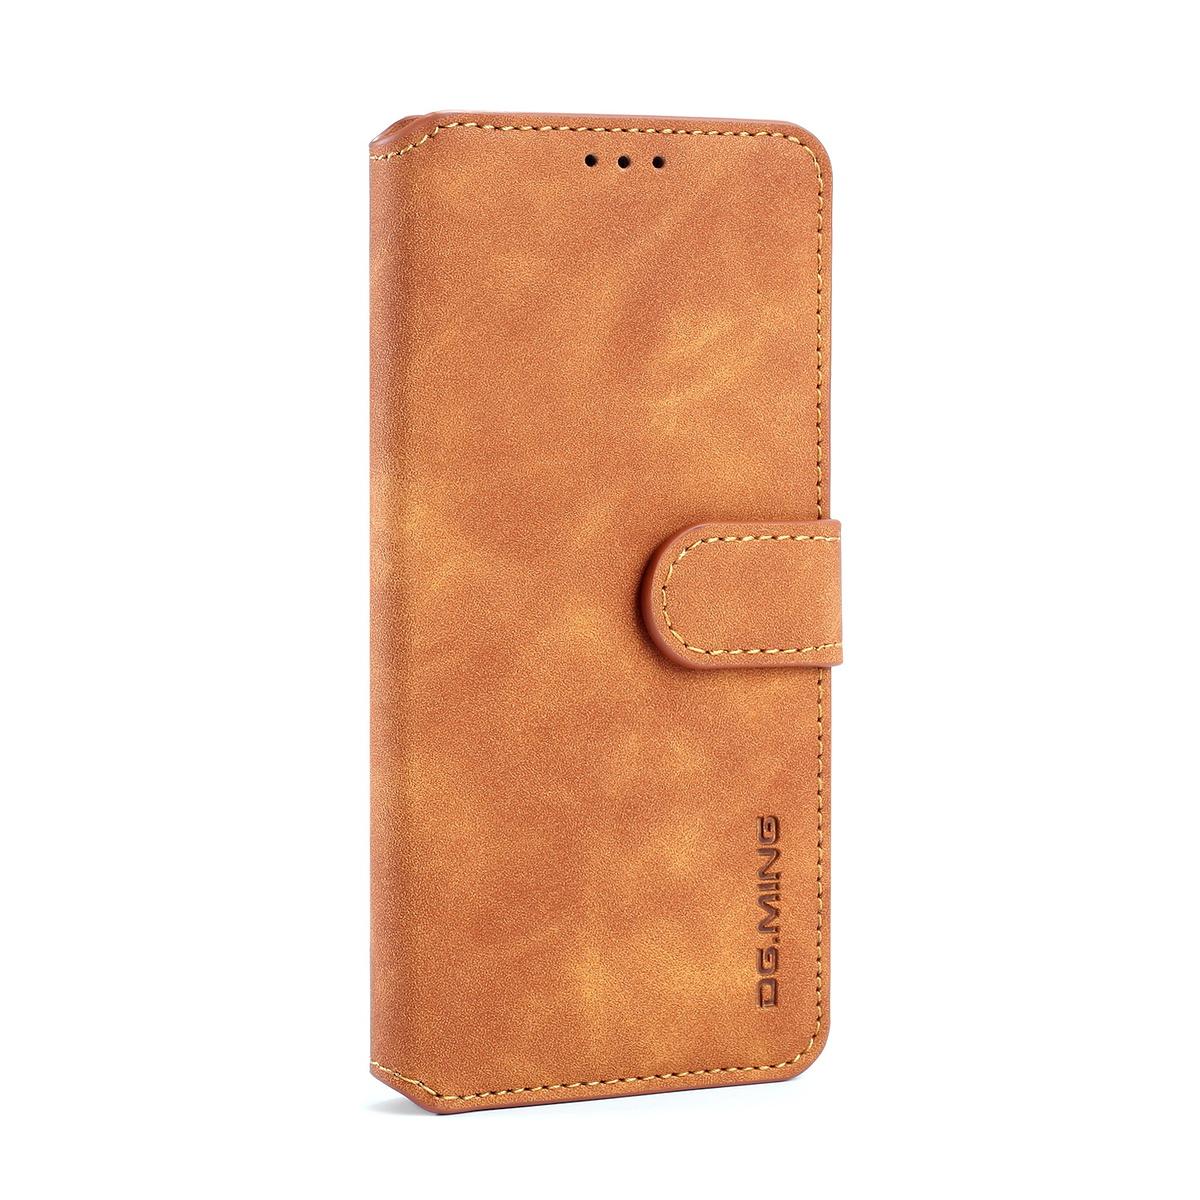 DG.MING Retro fodral med kortplats, ställ, Samsung S10, brun